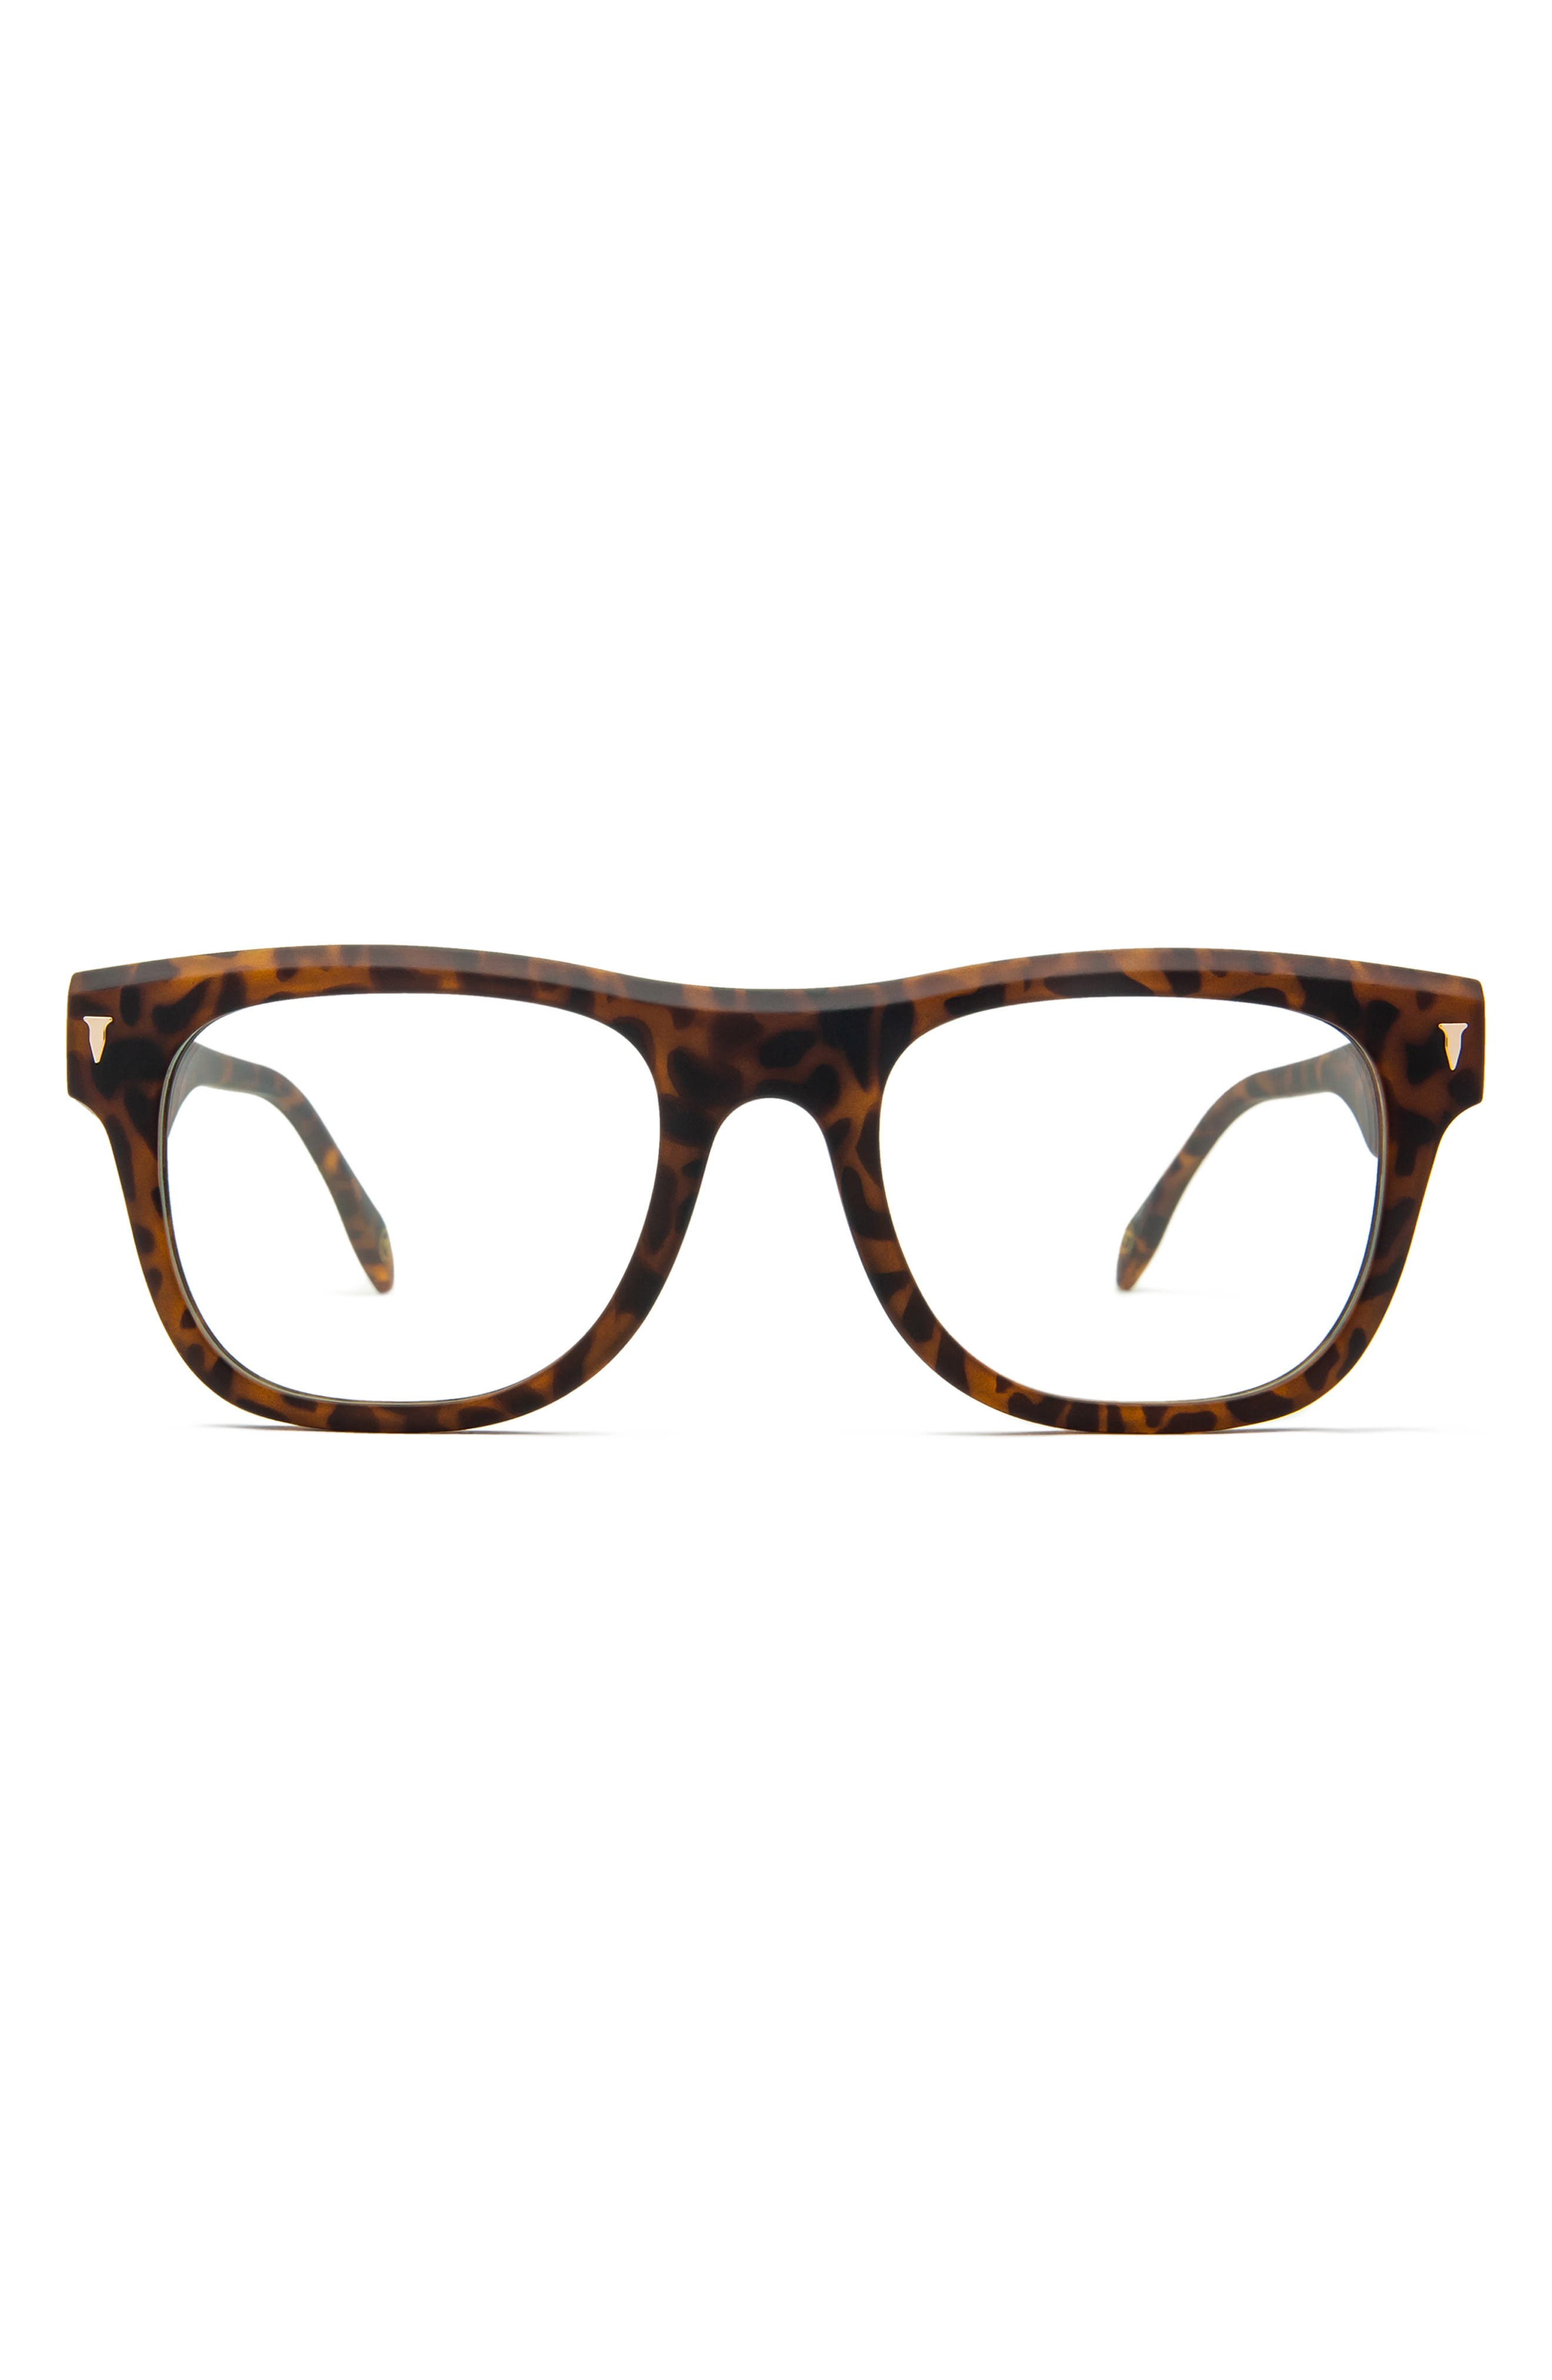 54mm Blue Light Blocking Rectangular Glasses